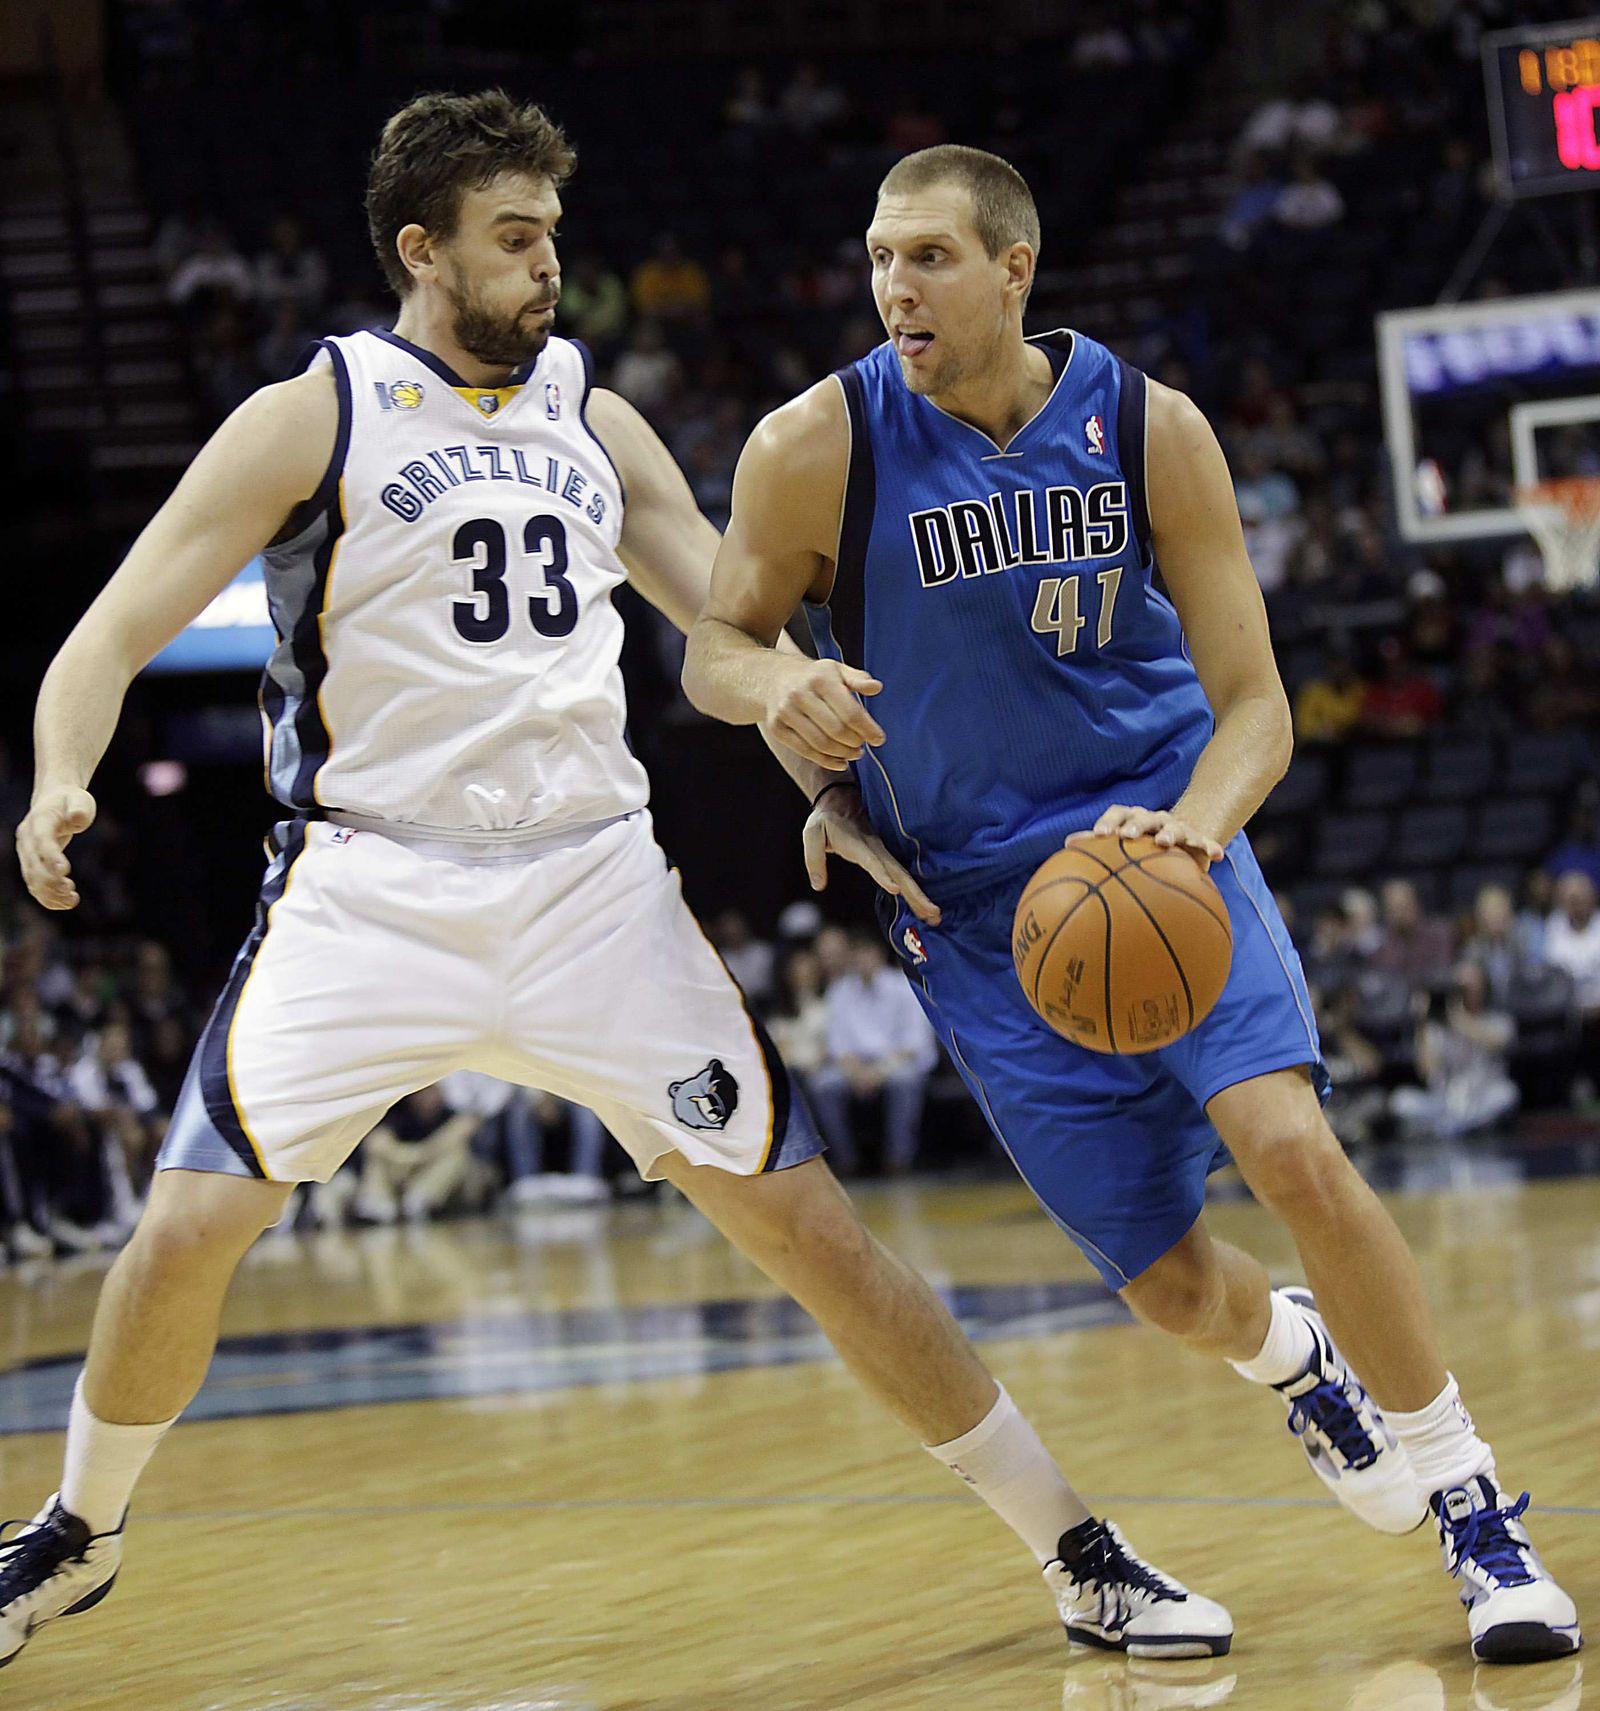 NBA/Dirk Nowitzki